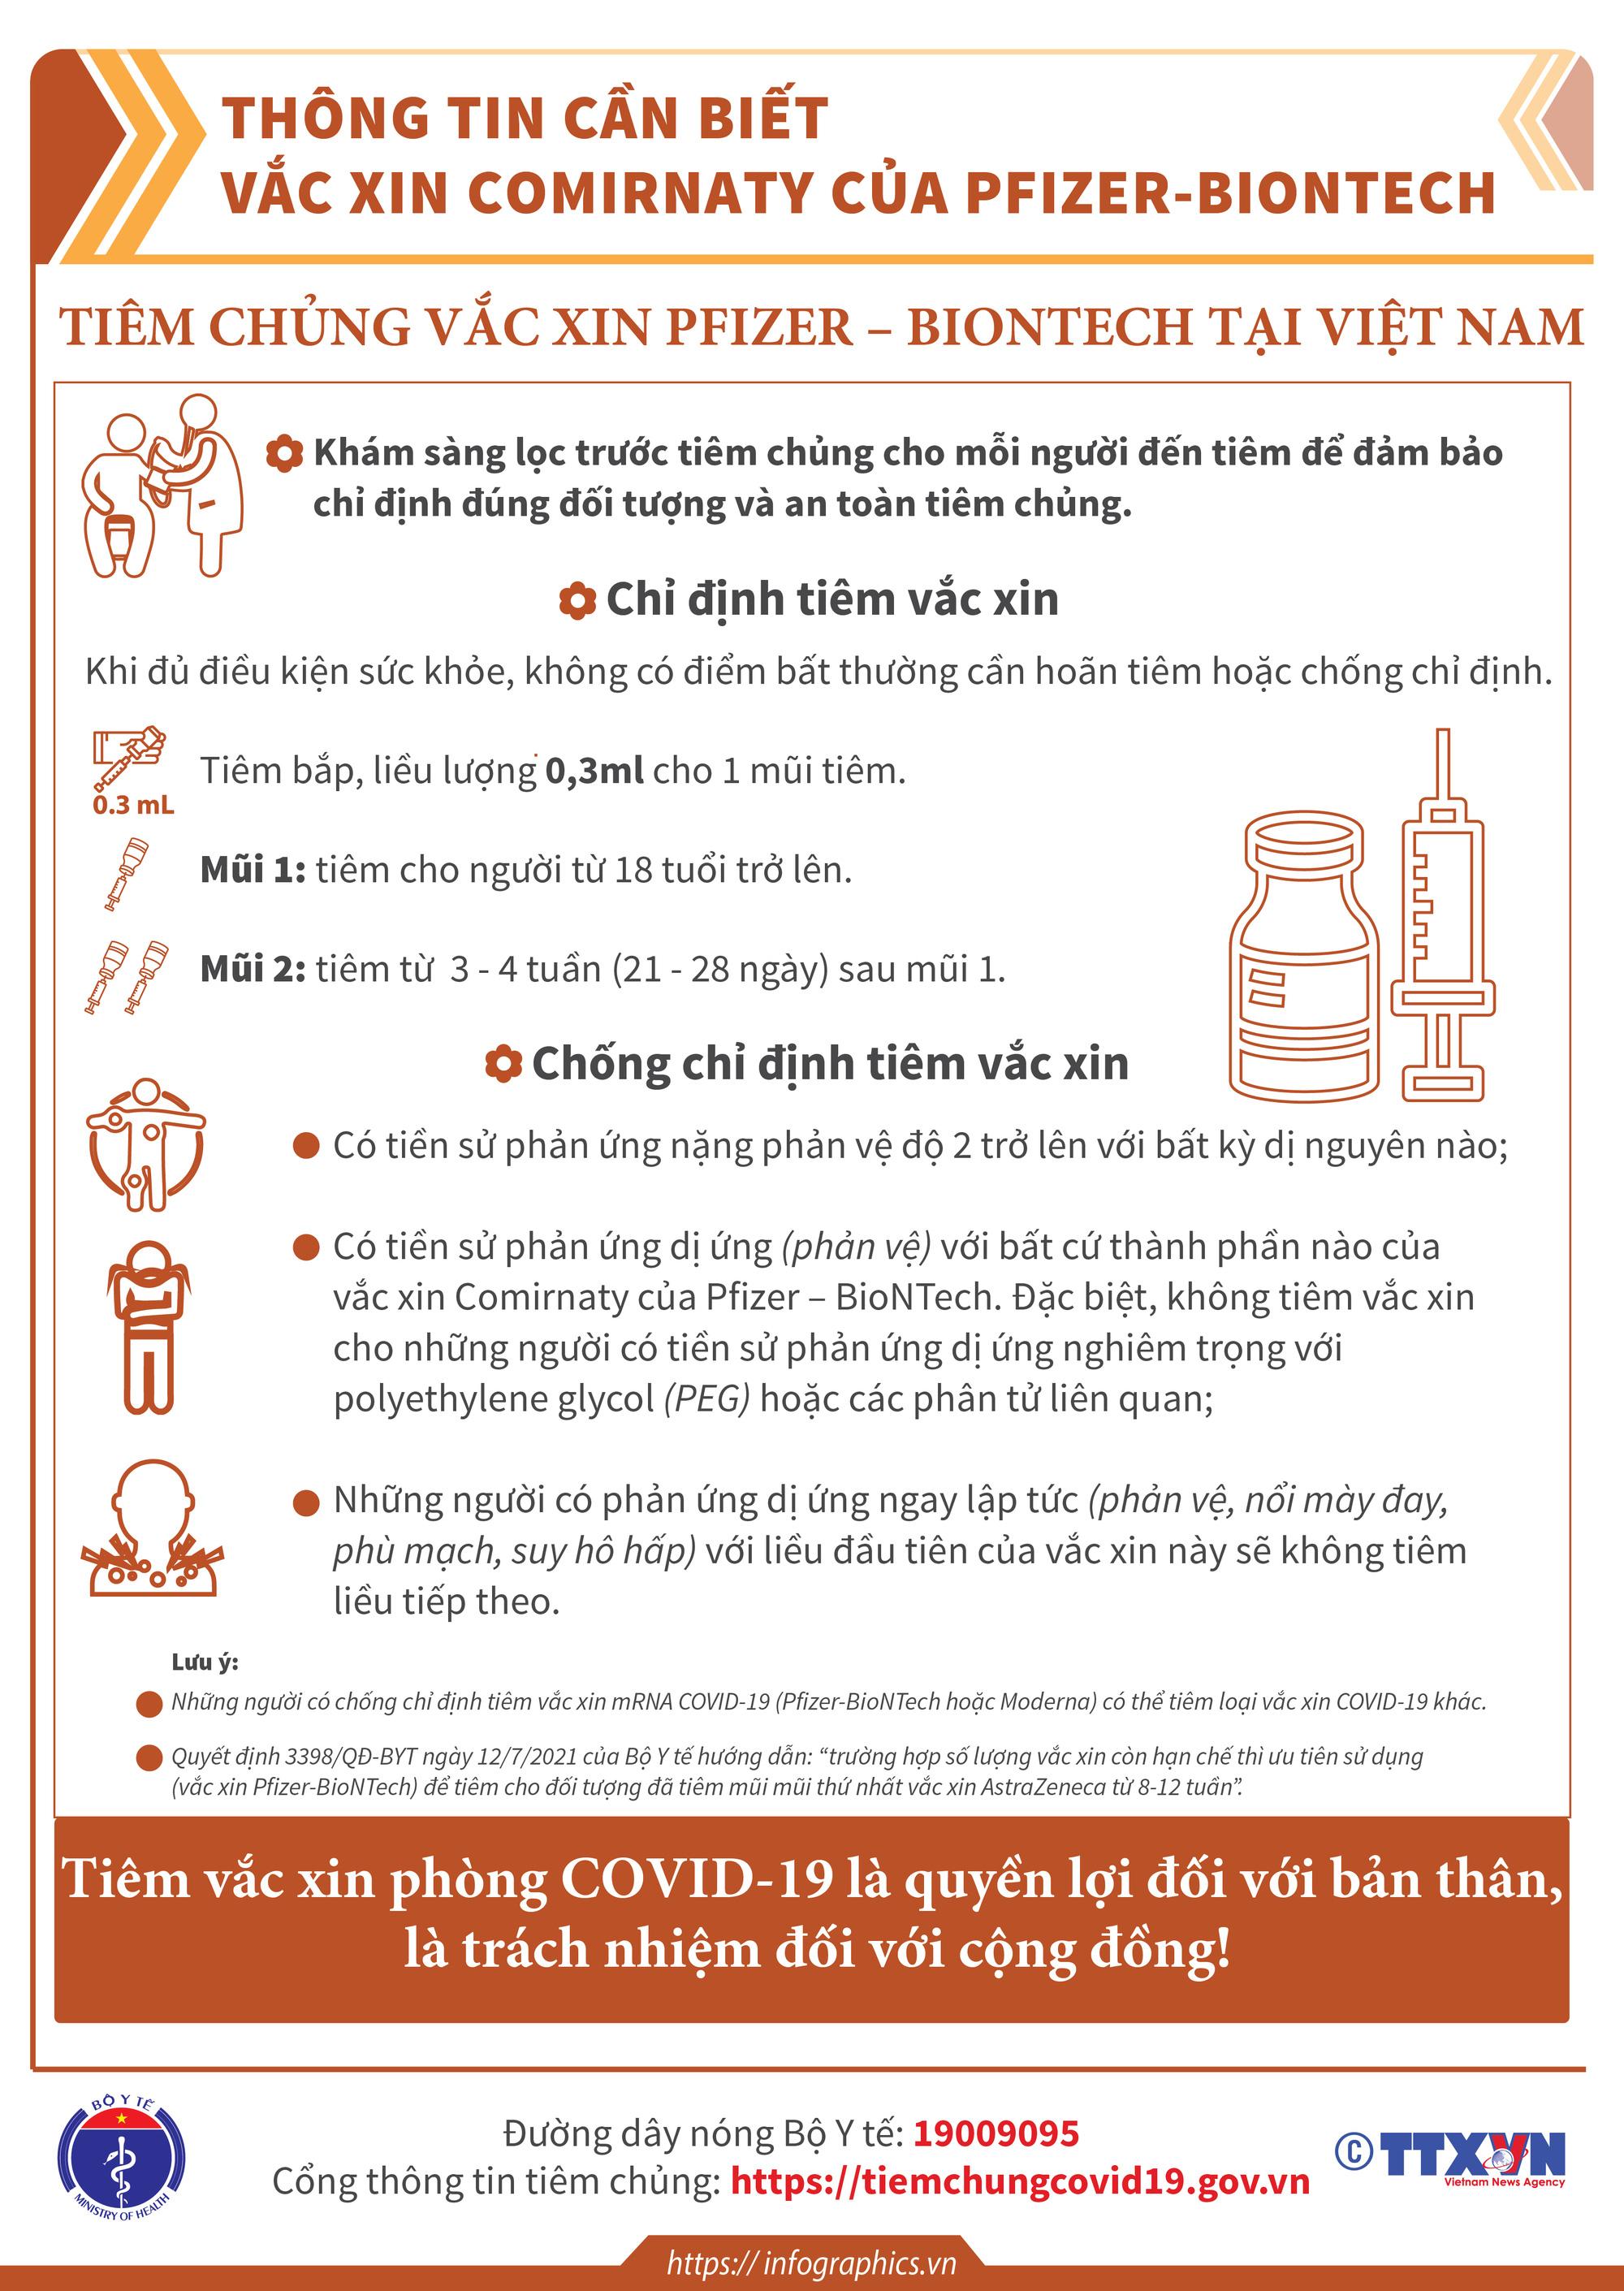 Thông tin cần biết về một số vaccine COVID-19 đang triển khai tiêm chủng tại Việt Nam. - Ảnh 14.